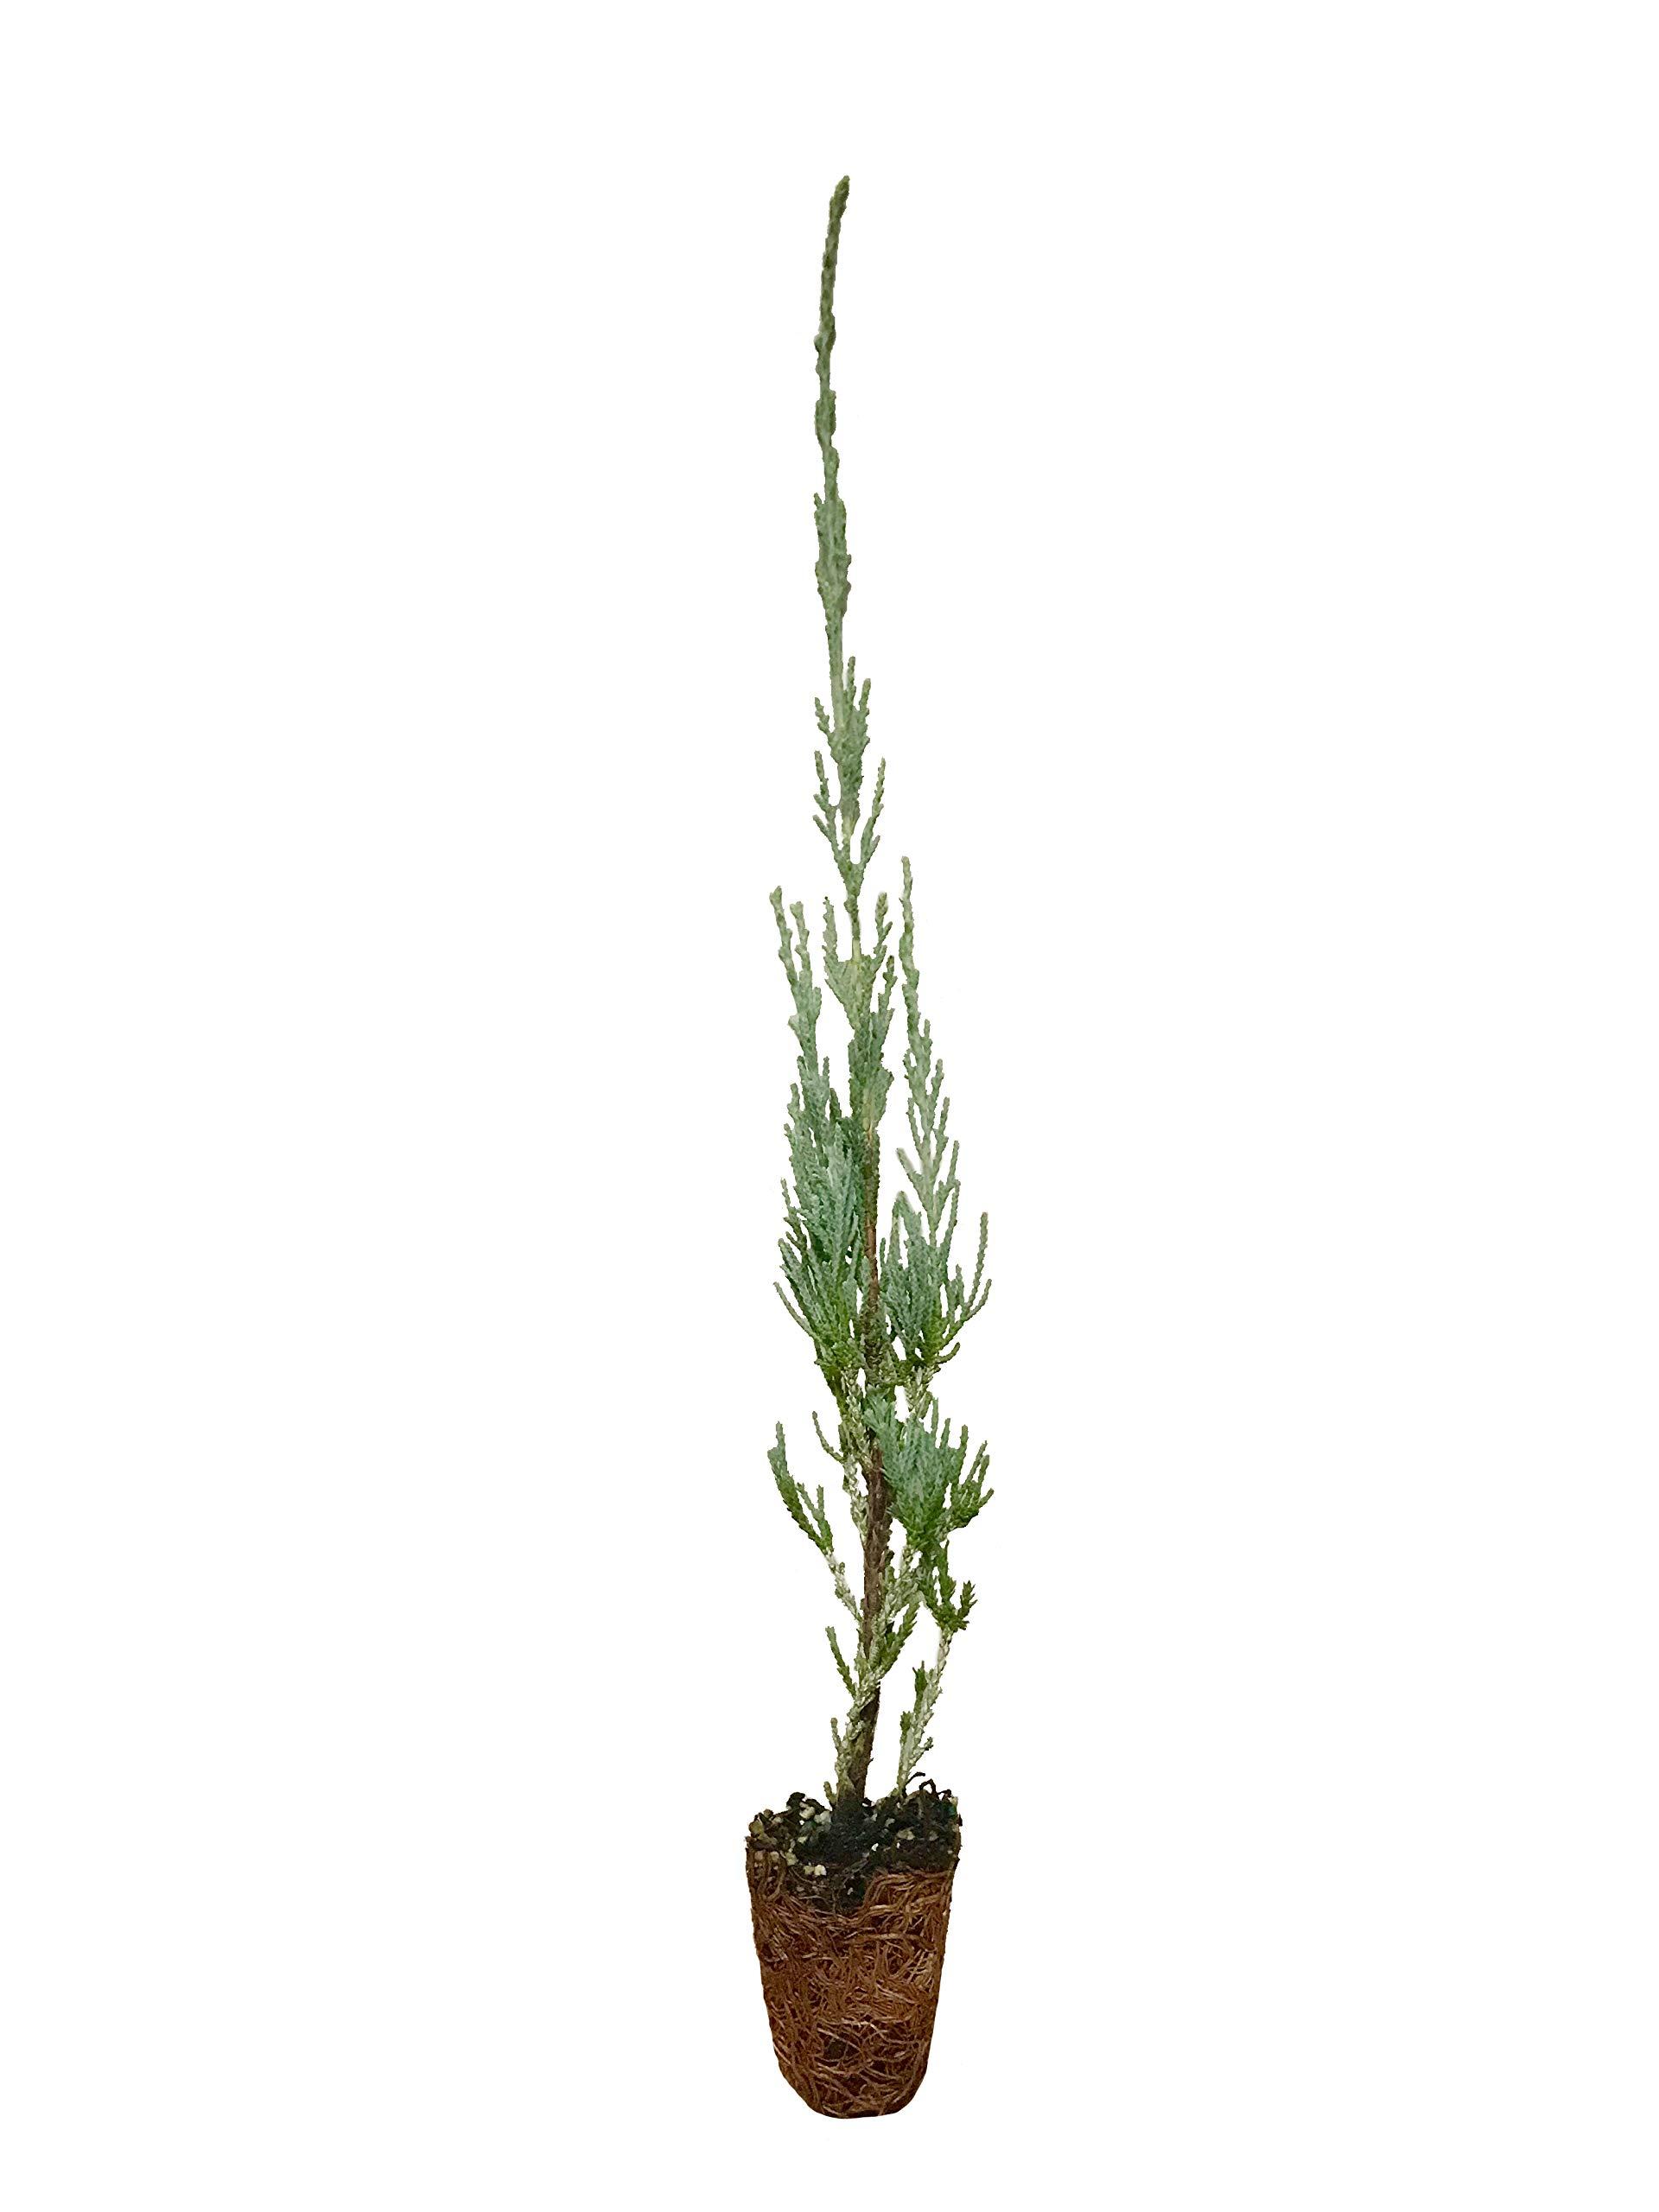 Skyrocket Juniper - 50 Live 2'' Pots - Juniperus Scopulorum - Upright Evergreen Trees